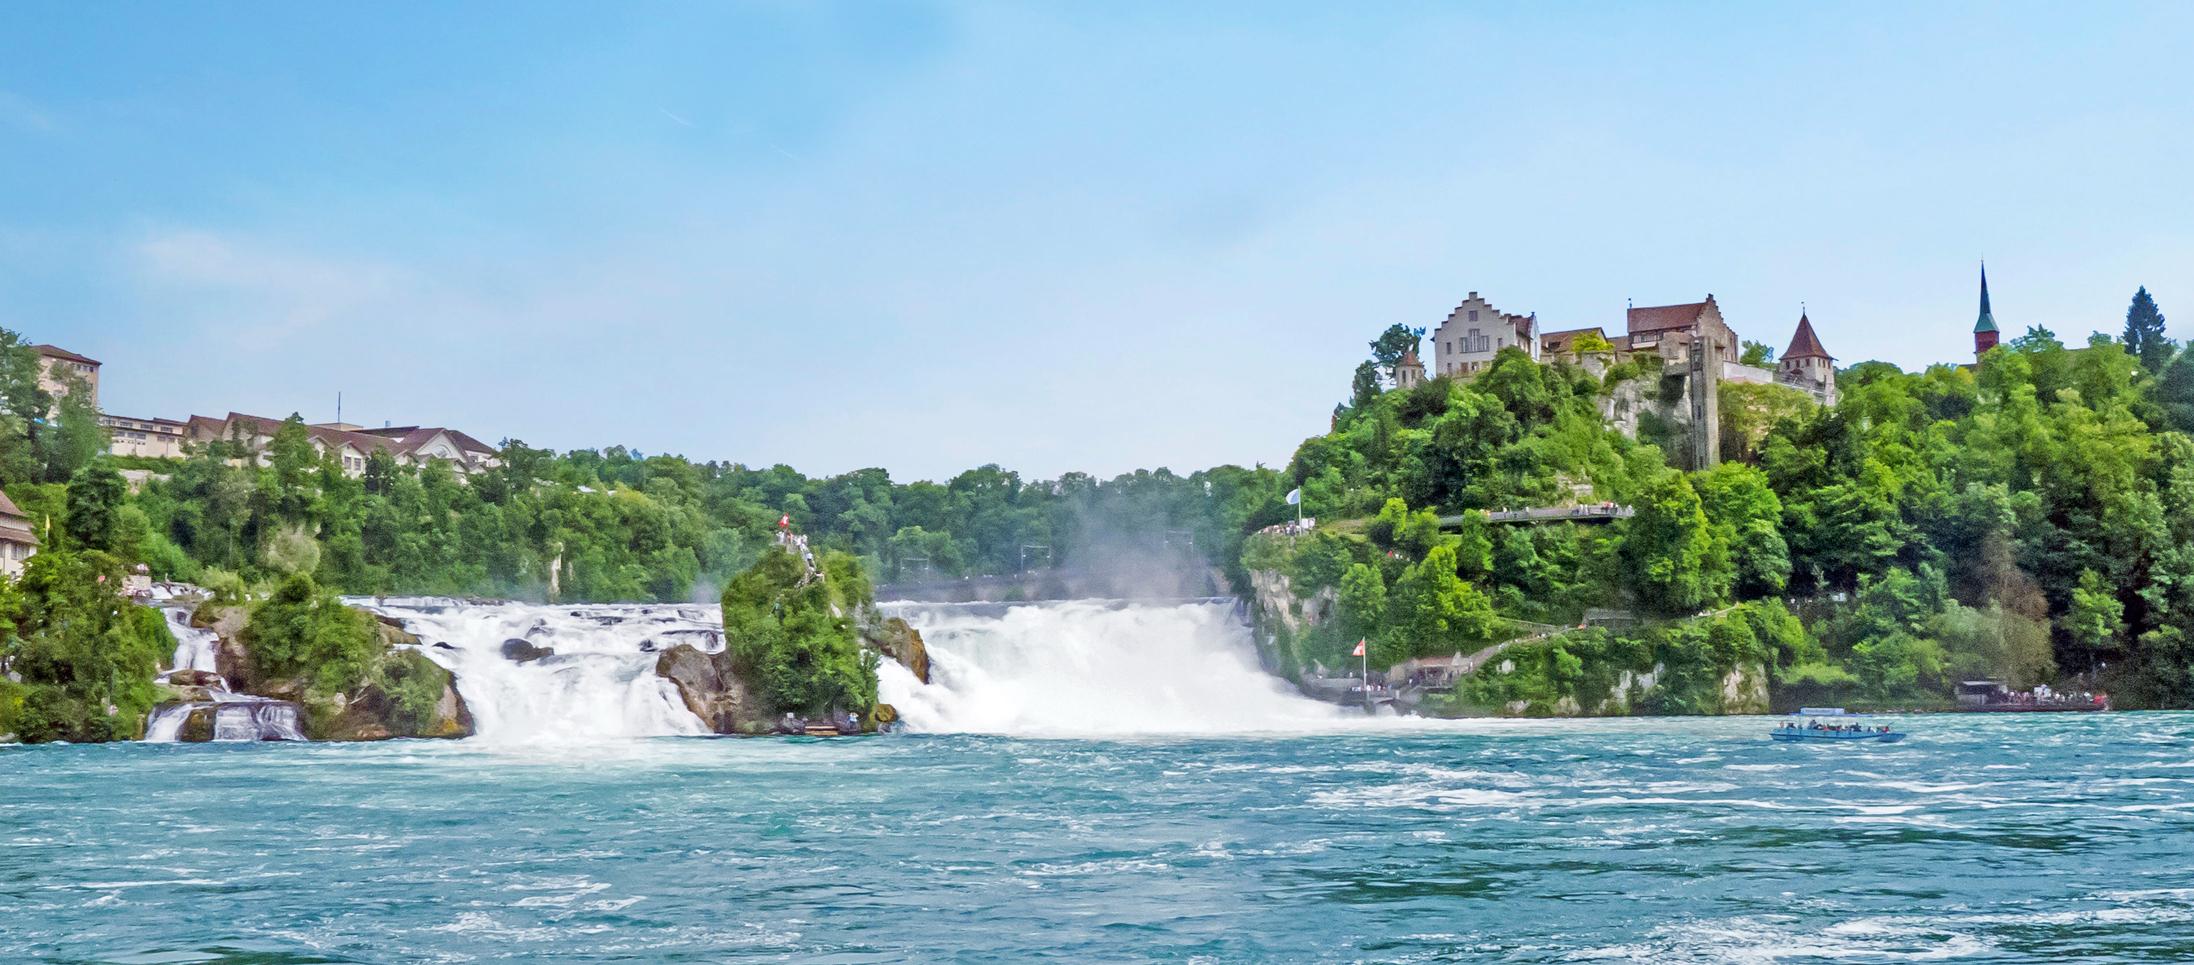 Ausflugsziele & Sehenswürdigkeiten in der Ostschweiz